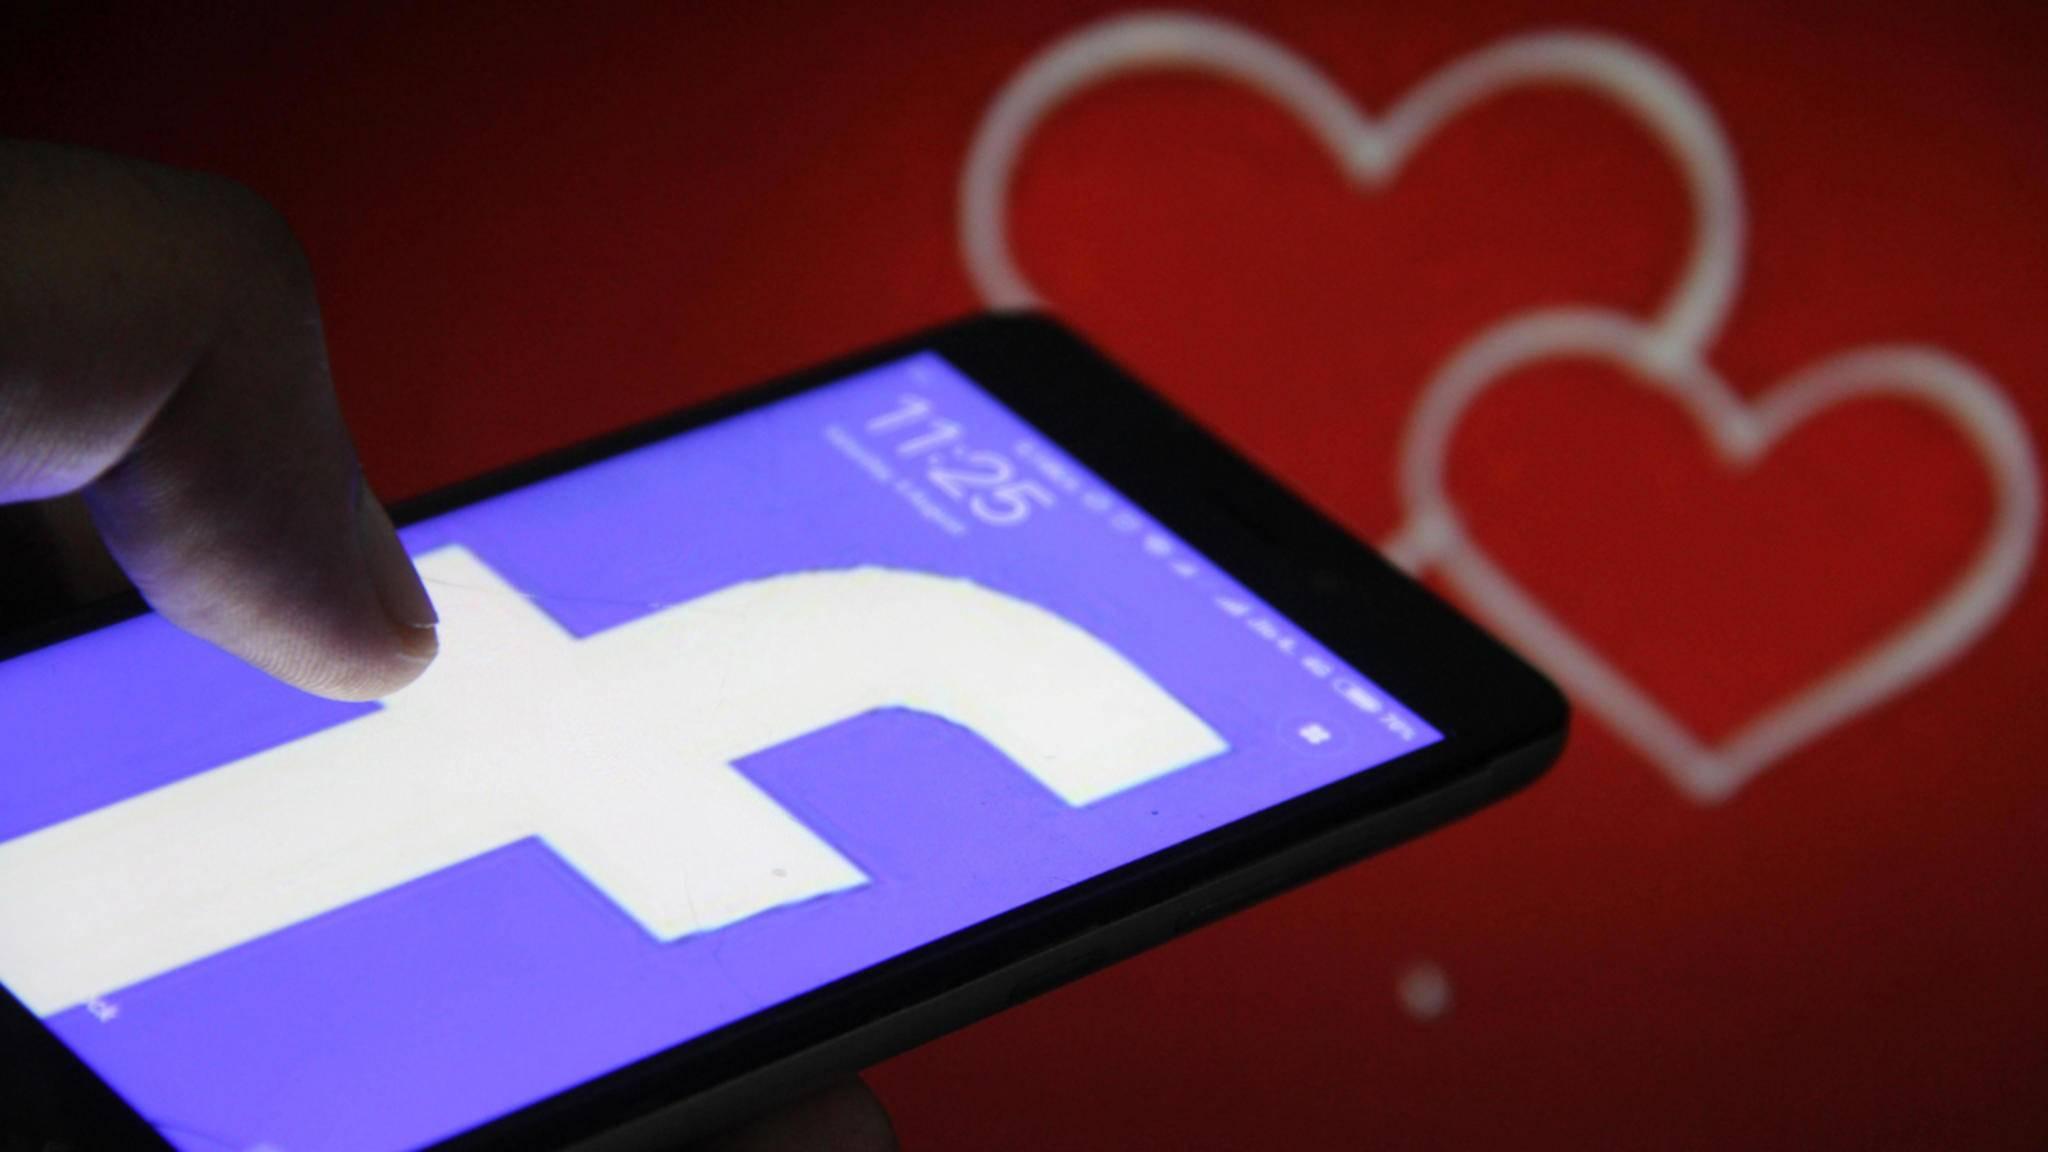 Facebook Dating soll keine Standalone-App werden, sondern eine Funktion innerhalb von Facebook.